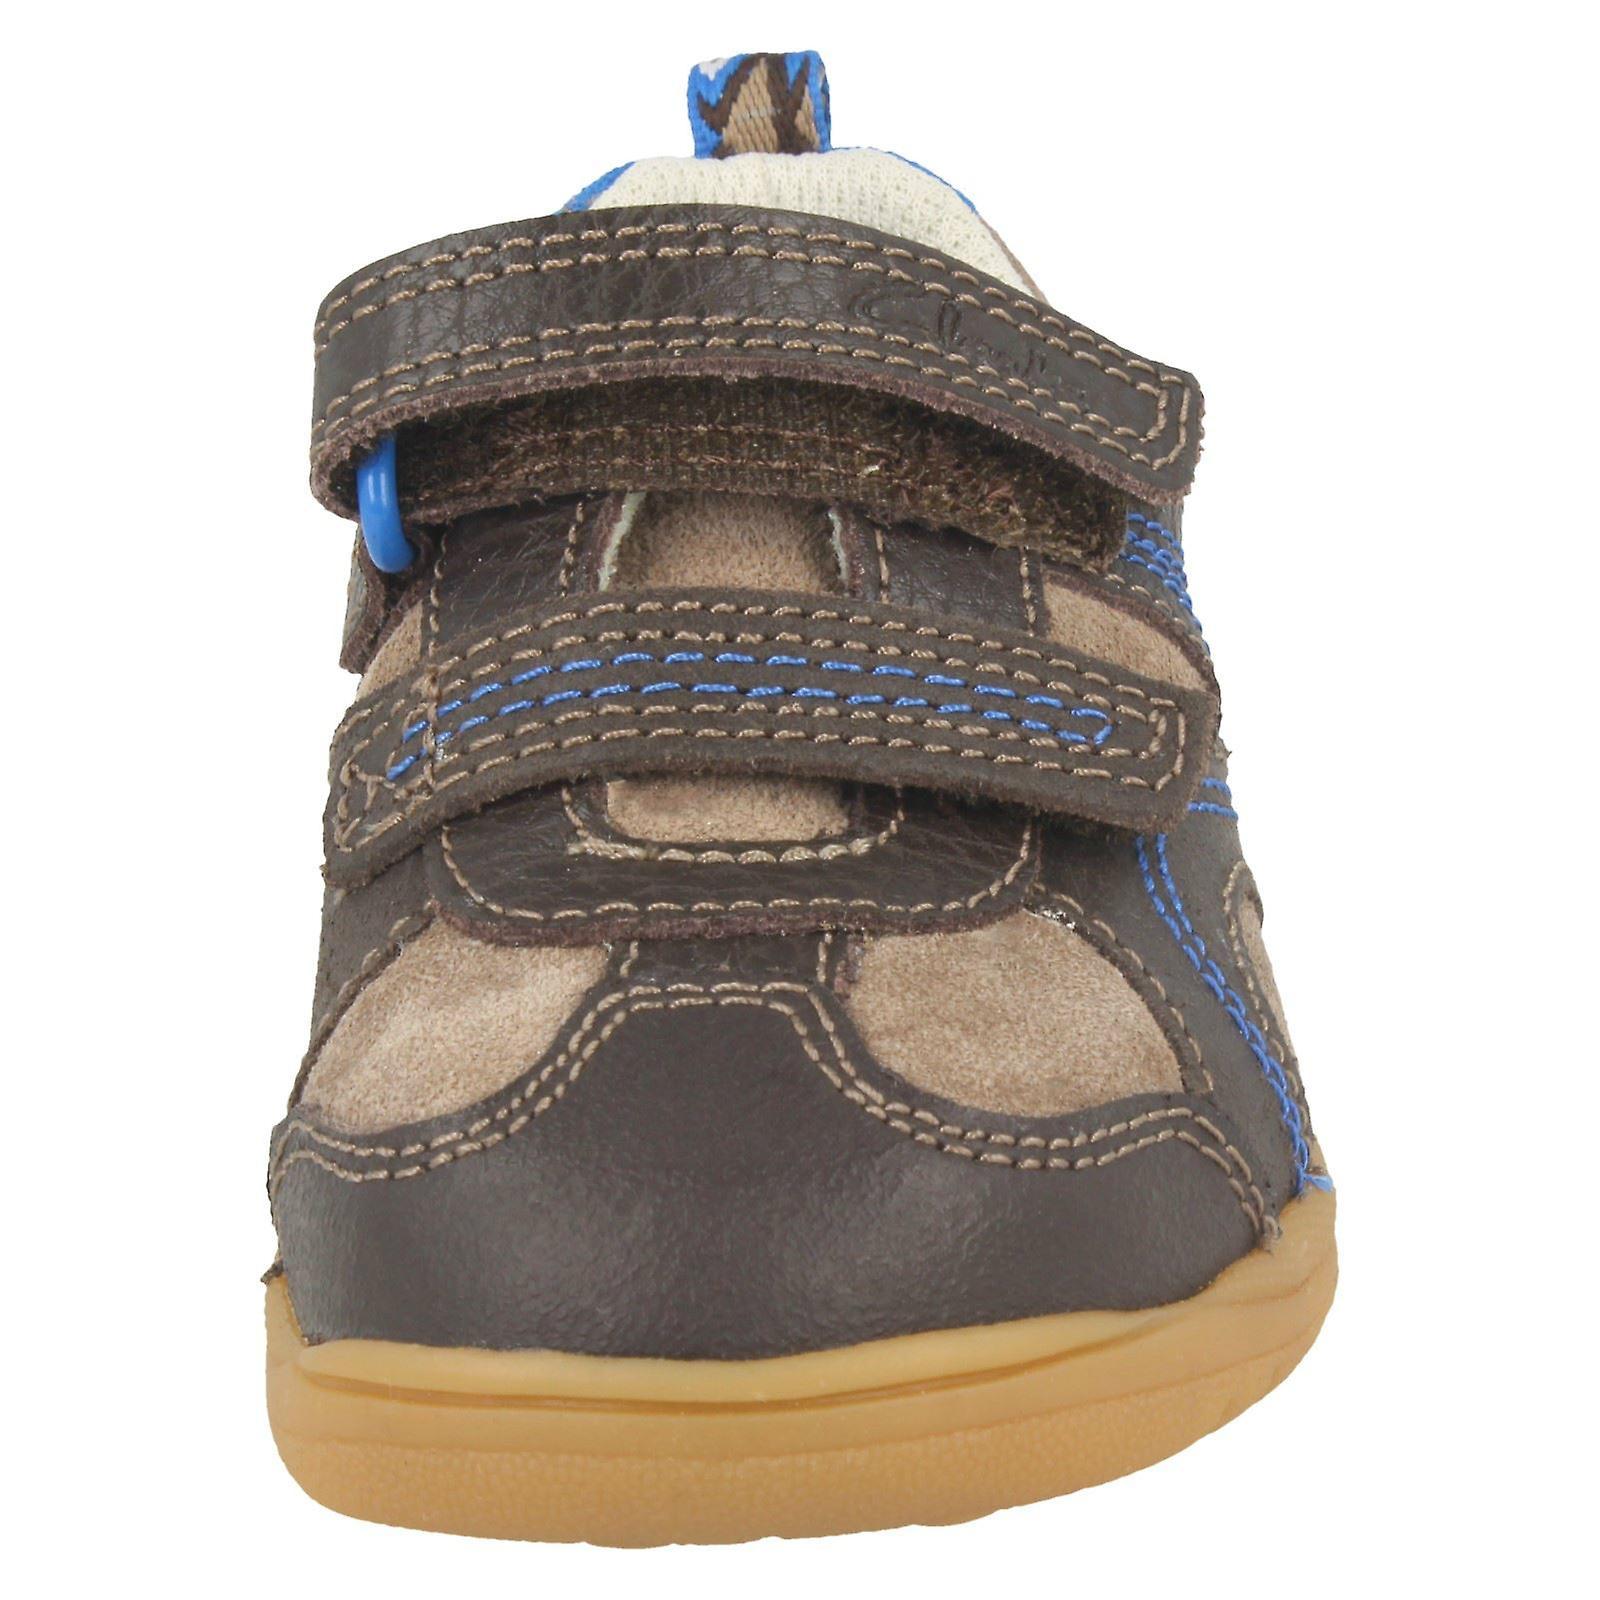 Jungen Clarks Casual Schuhe zuerst Ru Felsen